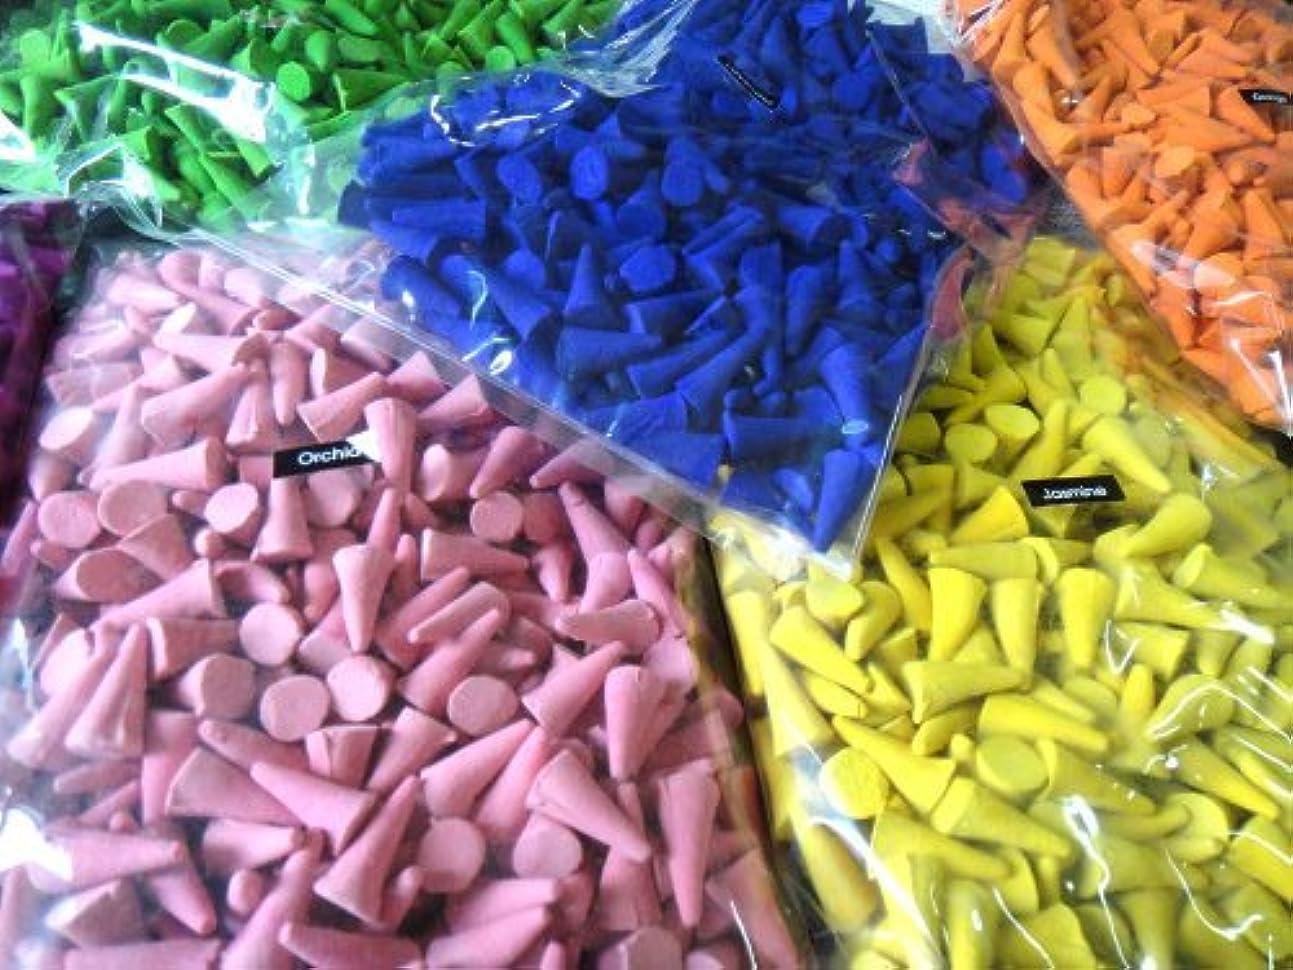 Incense Conesミックスのさまざまな香り(パックof 100 Cones ) ThaiEnjoy製品